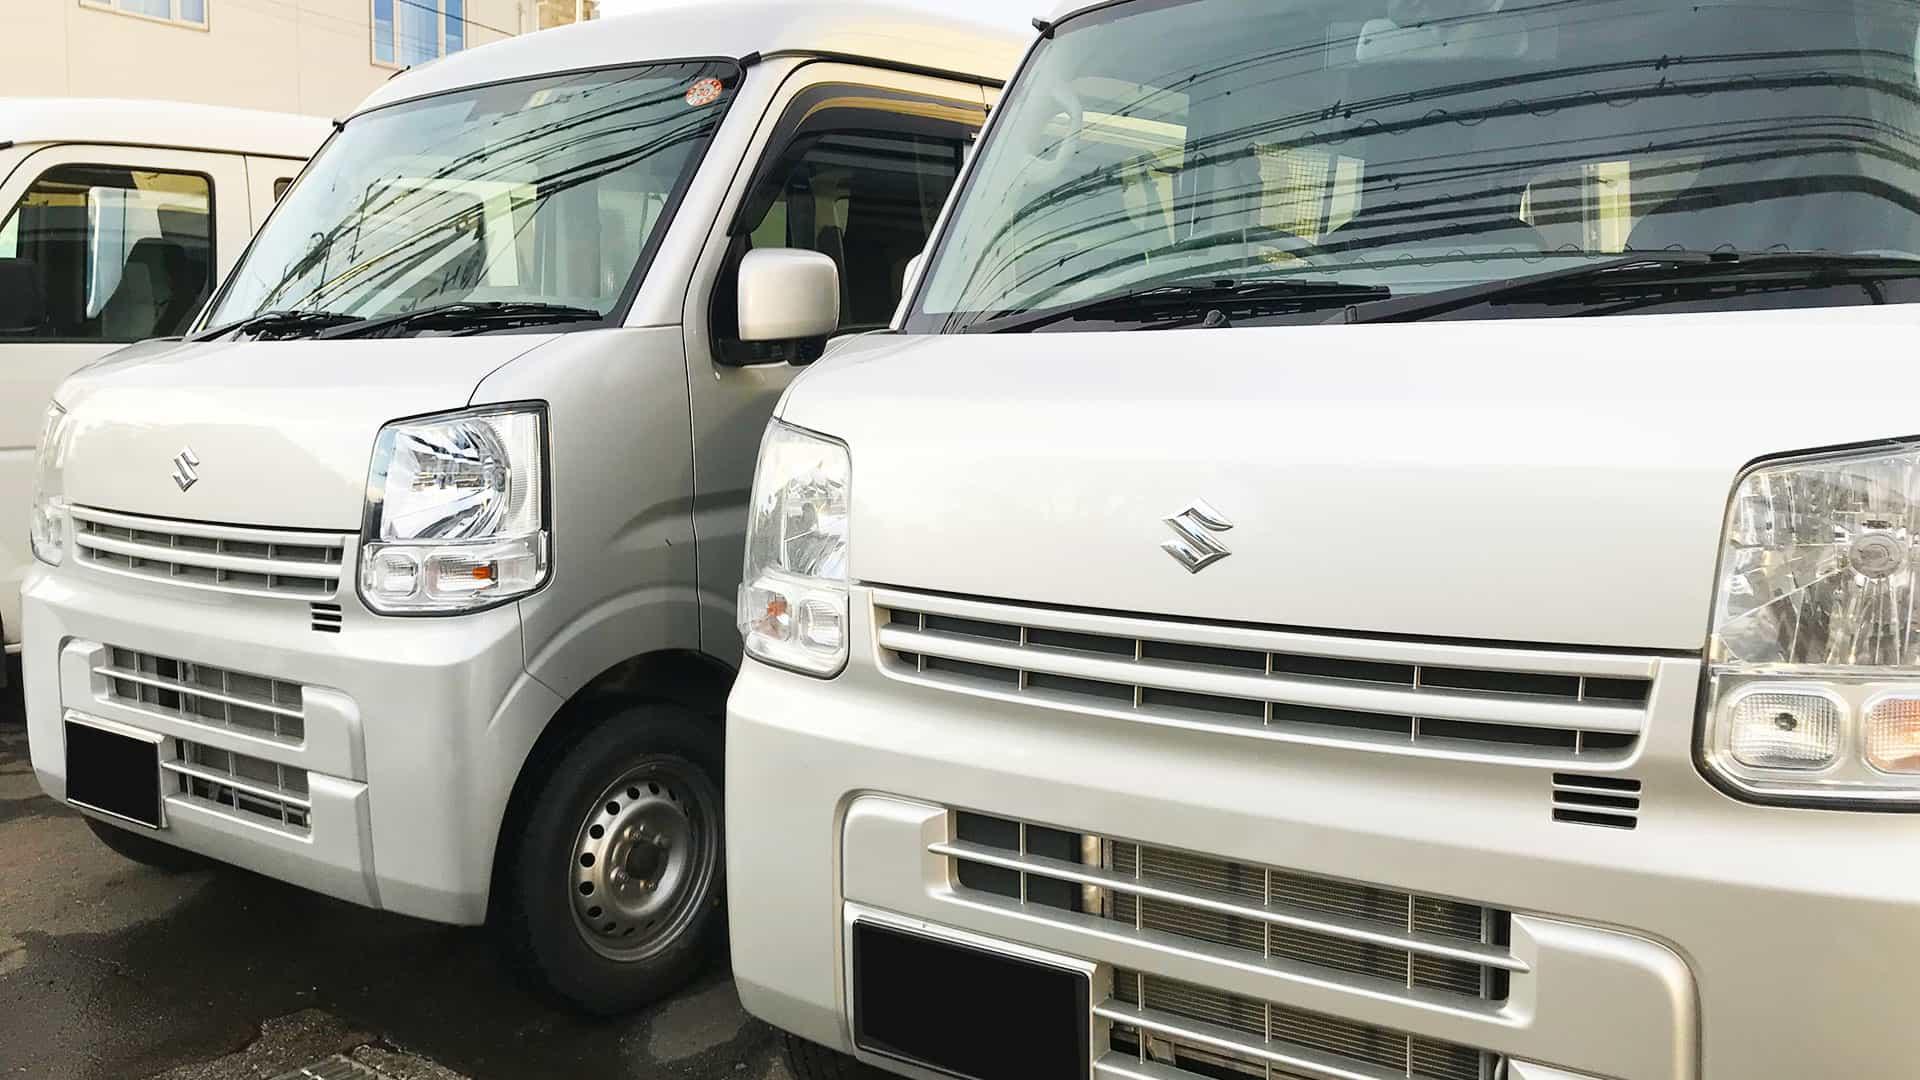 軽貨物運送は新座市のエース株式会社